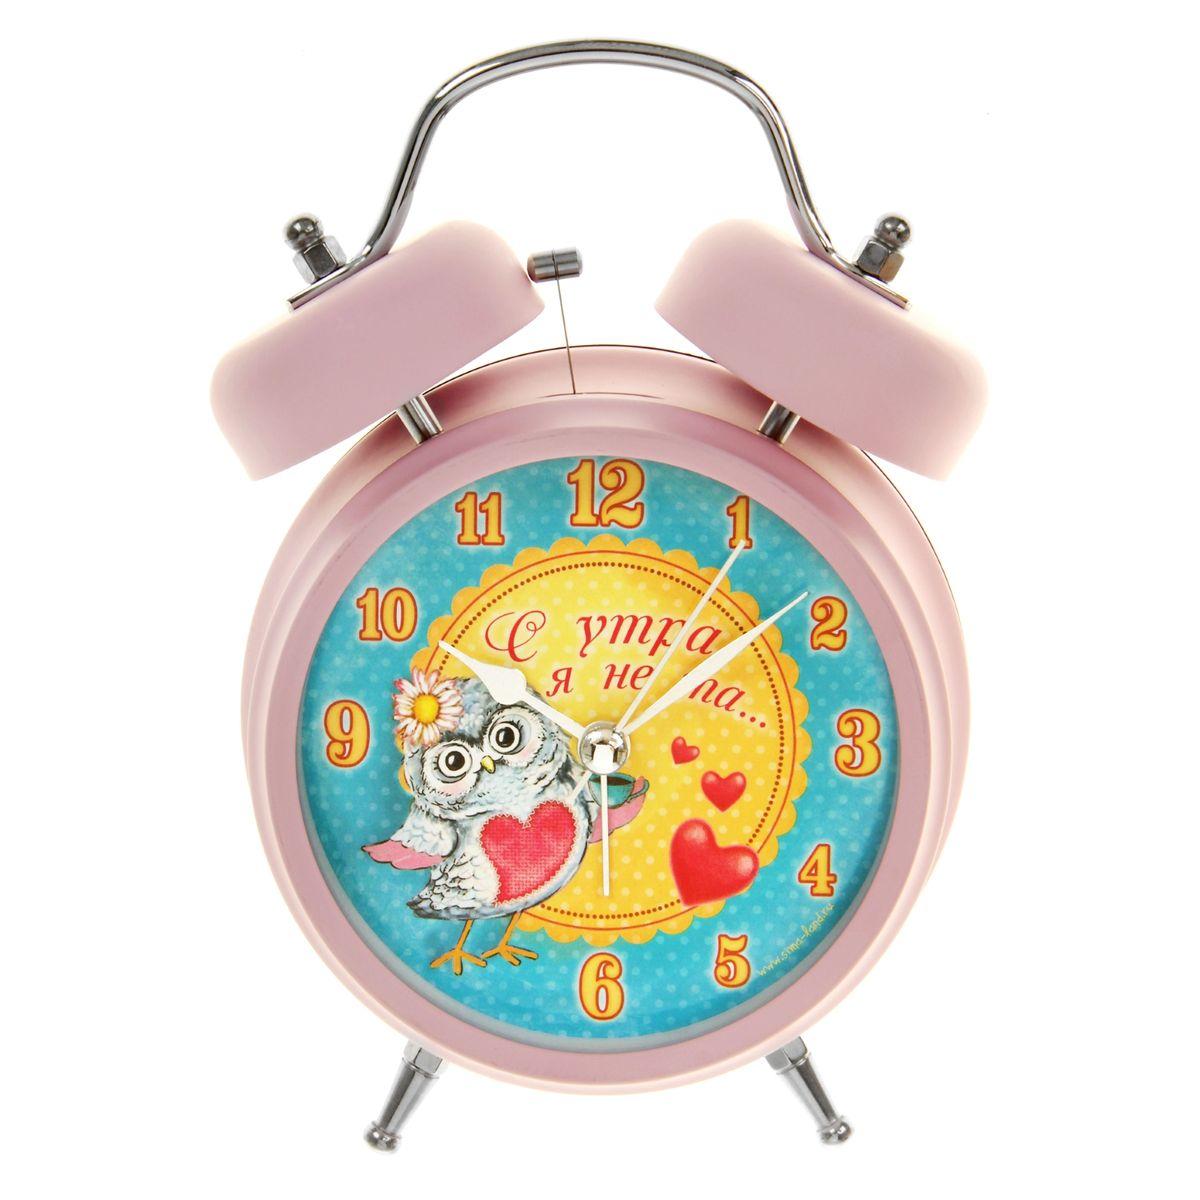 Часы-будильник Sima-land С утра я не та...RRM116-gКак же сложно иногда вставать вовремя! Всегда так хочется поспать еще хотя бы 5 минут и бывает, что мы просыпаем. Теперь этого не случится! Яркий, оригинальный будильник Sima-land С утра я не та... поможет вам всегда вставать в нужное время и успевать везде и всюду.Корпус будильника выполнен из металла. Циферблат оформлен изображением совы и надписью: С утра я не та..., имеет индикацию арабскими цифрами. Часы снабжены 4 стрелками (секундная, минутная, часовая и для будильника). На задней панели будильника расположен переключатель включения/выключения механизма, а также два колесика для настройки текущего времени и времени звонка будильника.Пользоваться будильником очень легко: нужно всего лишь поставить батарейки, настроить точное время и установить время звонка. Необходимо докупить 2 батарейки типа АА напряжением 1,5V (не входят в комплект).